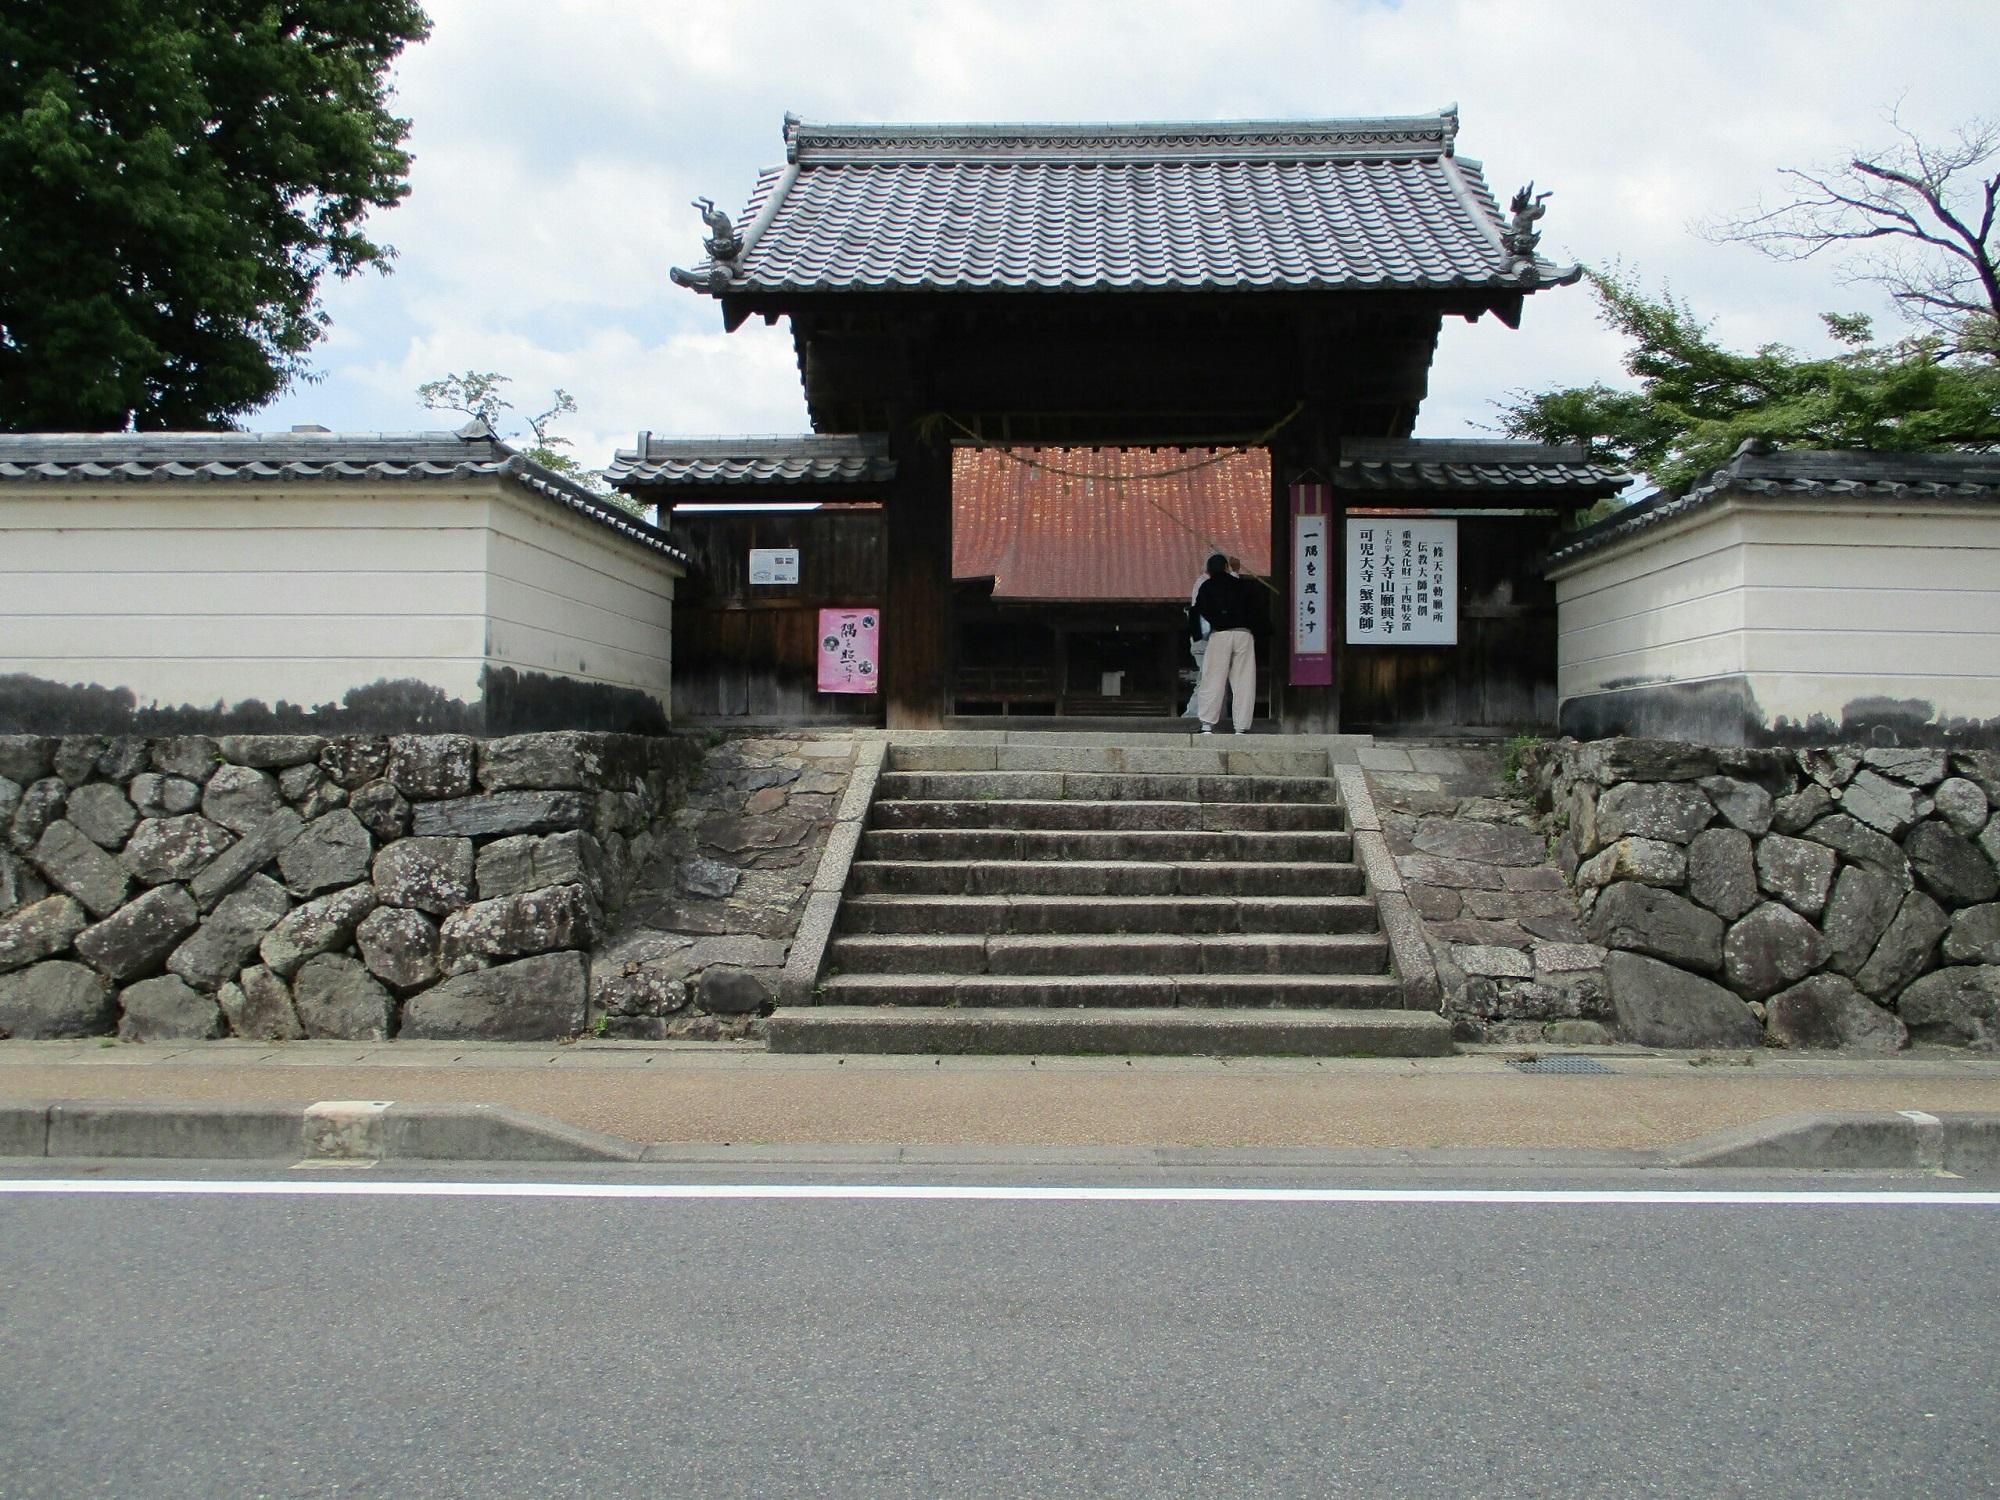 2018.6.7 みたけ (93) 願興寺 - 山門 2000-1500